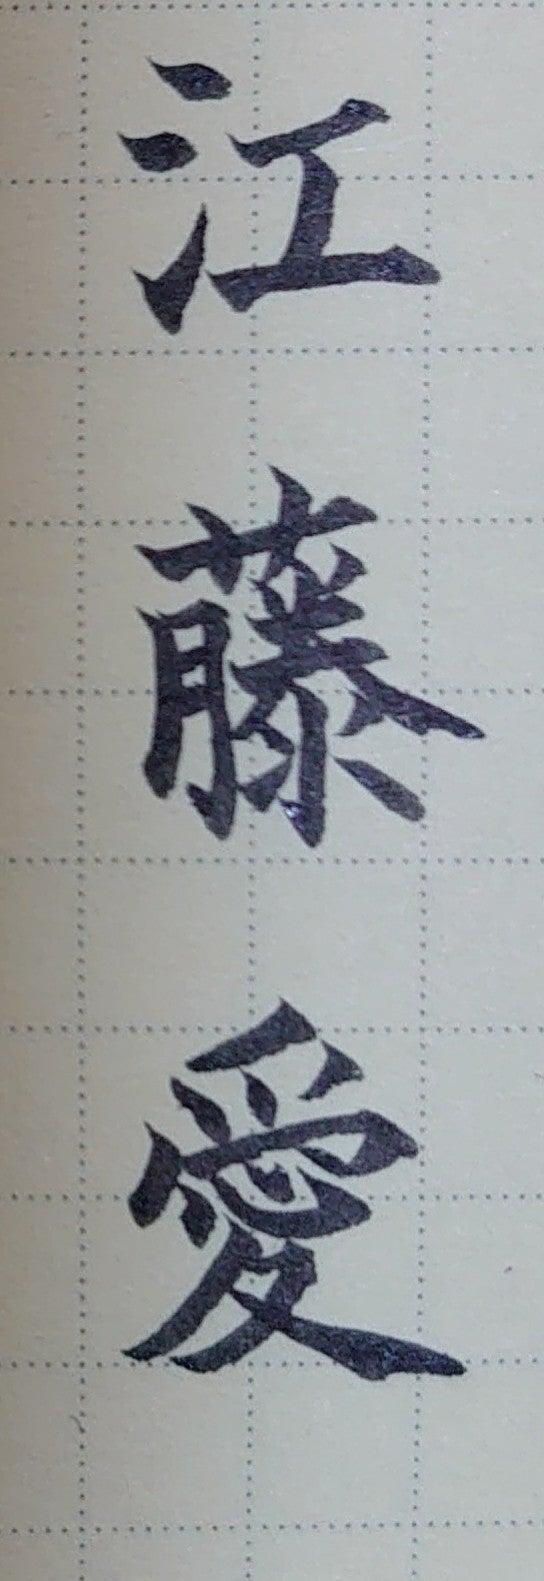 愛 note 江藤